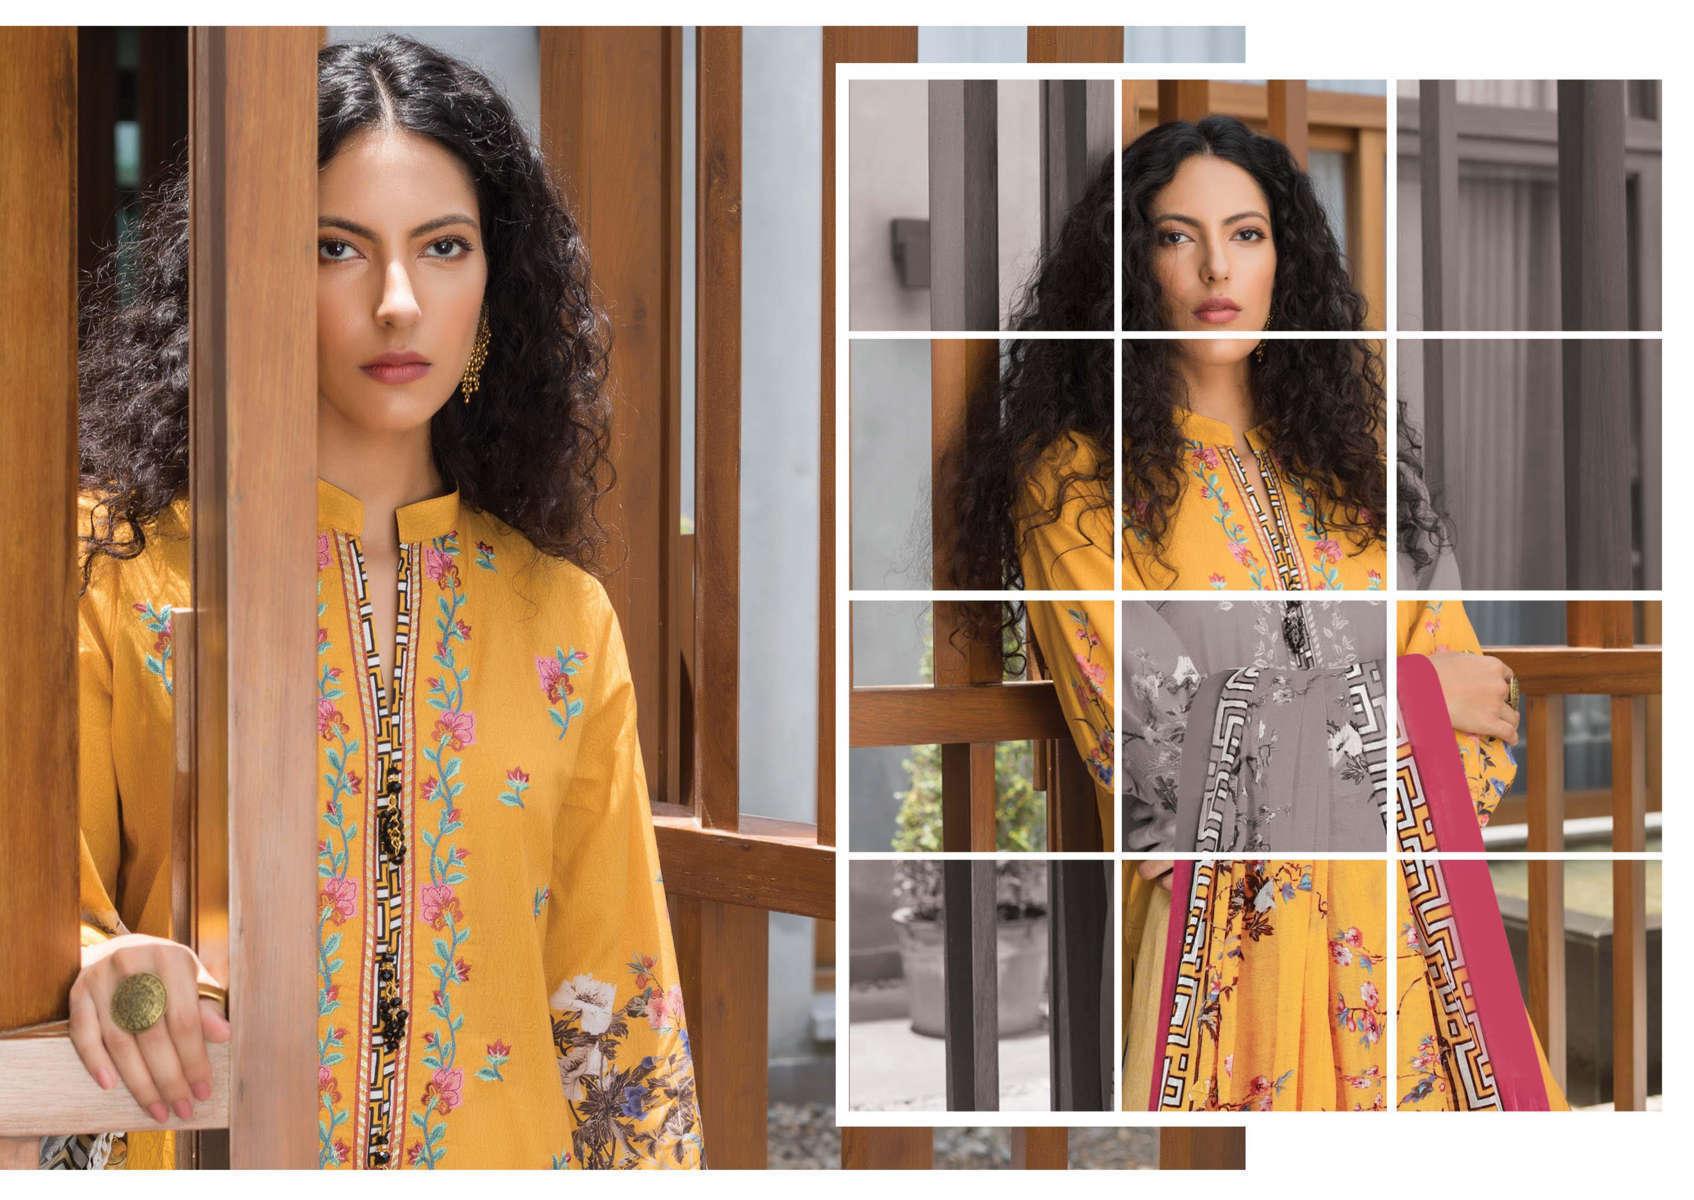 Iris Vol 10 Karachi Cotton Salwar Suit Wholesale Catalog 10 Pcs 2 - Iris Vol 10 Karachi Cotton Salwar Suit Wholesale Catalog 10 Pcs